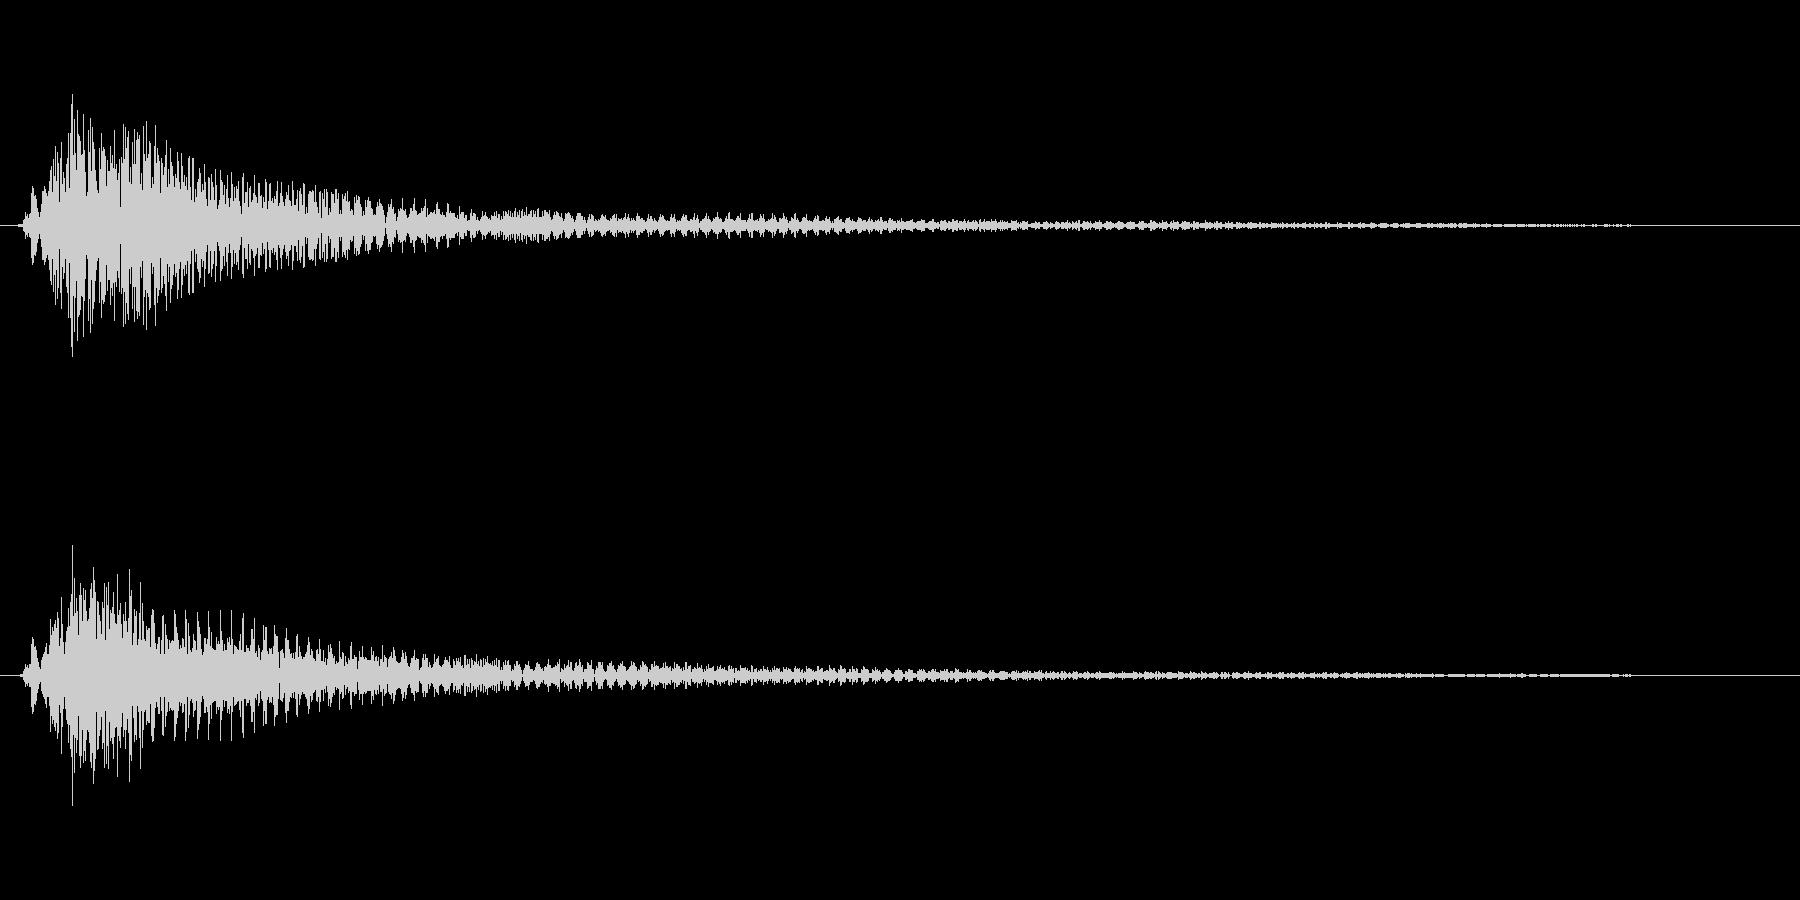 キューン(ベルのような音色)の未再生の波形